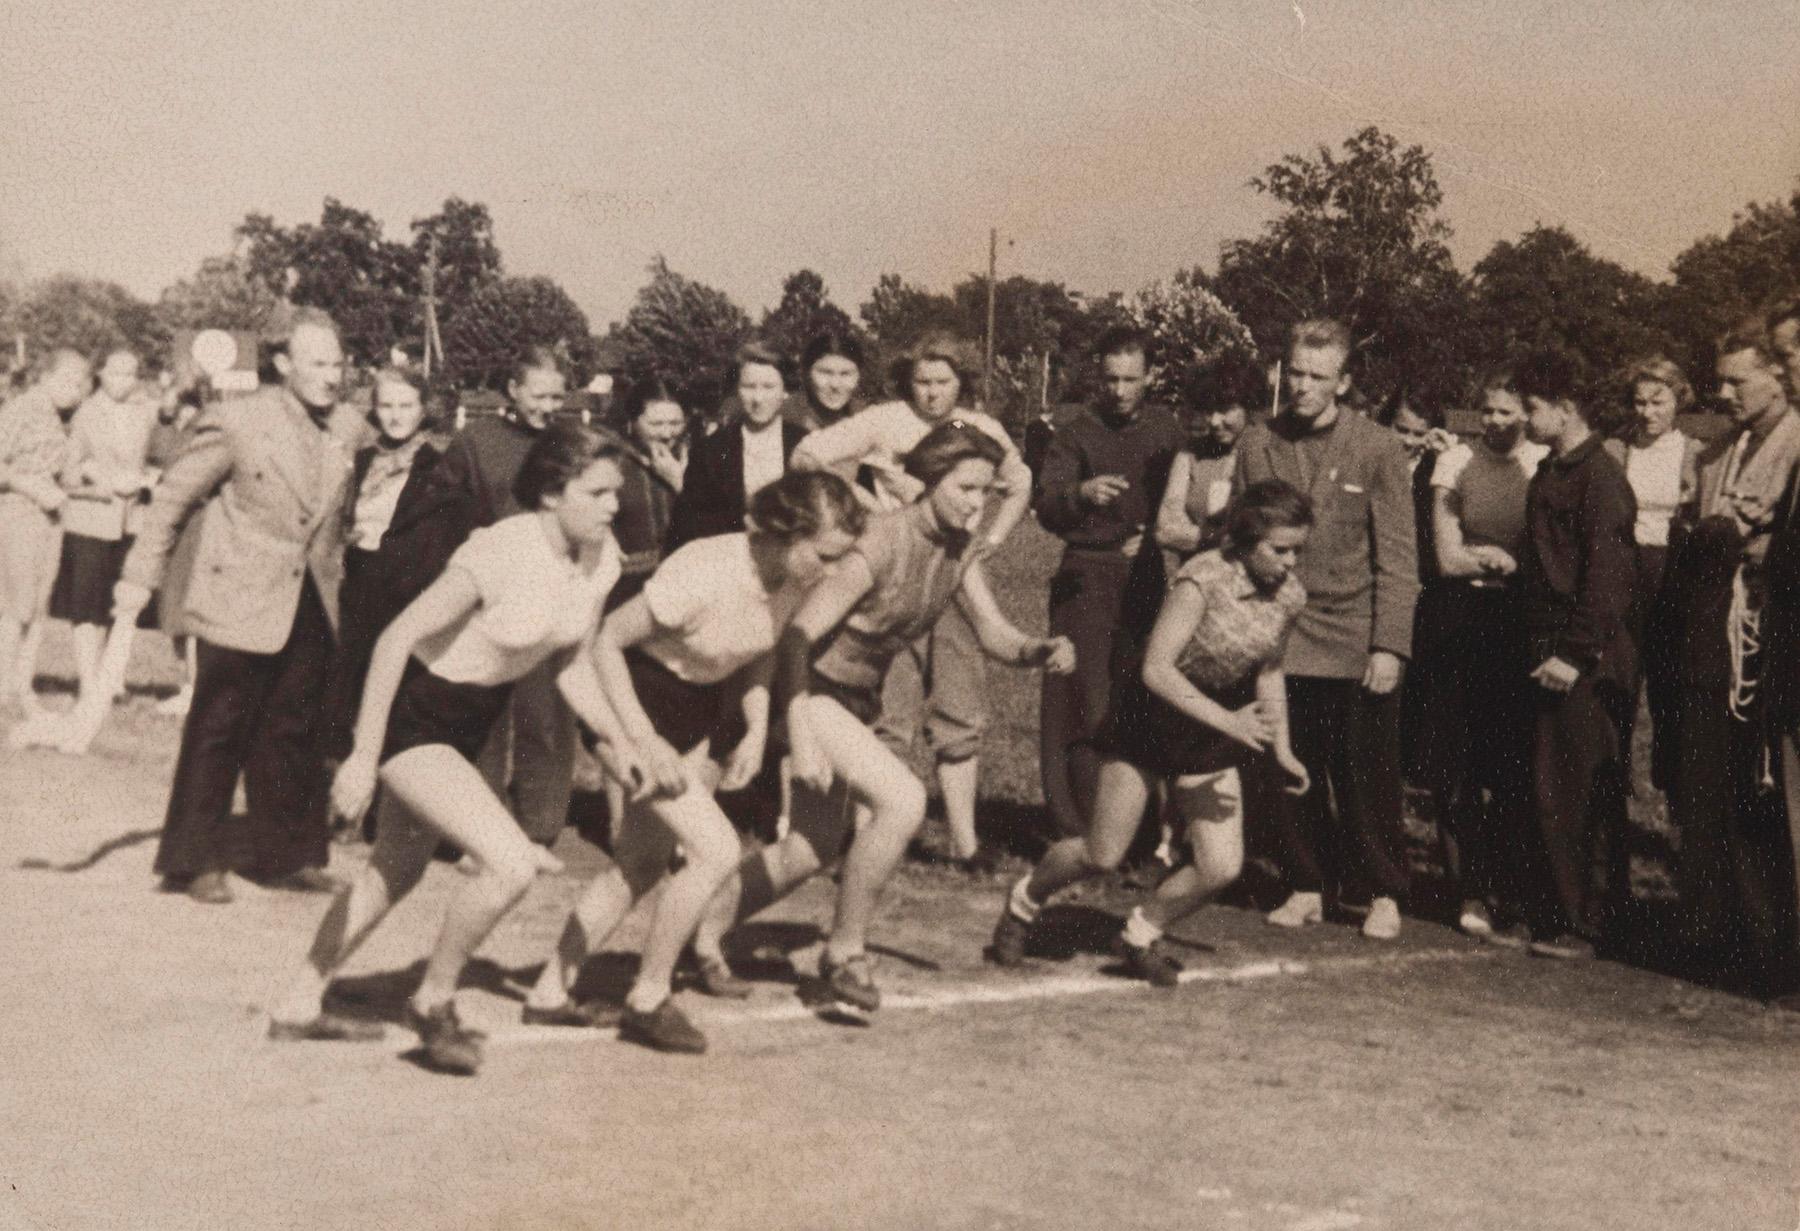 Valentina Kekki tyttöjen pitkän matkan juoksukilpailussa. Valentina on ensimmäinen juoksija oikealta. Kuvattu arviolta 1950-luvulla Lüganuksella. SKS KIA, Valentina Siiben arkisto. CC BY 4.0